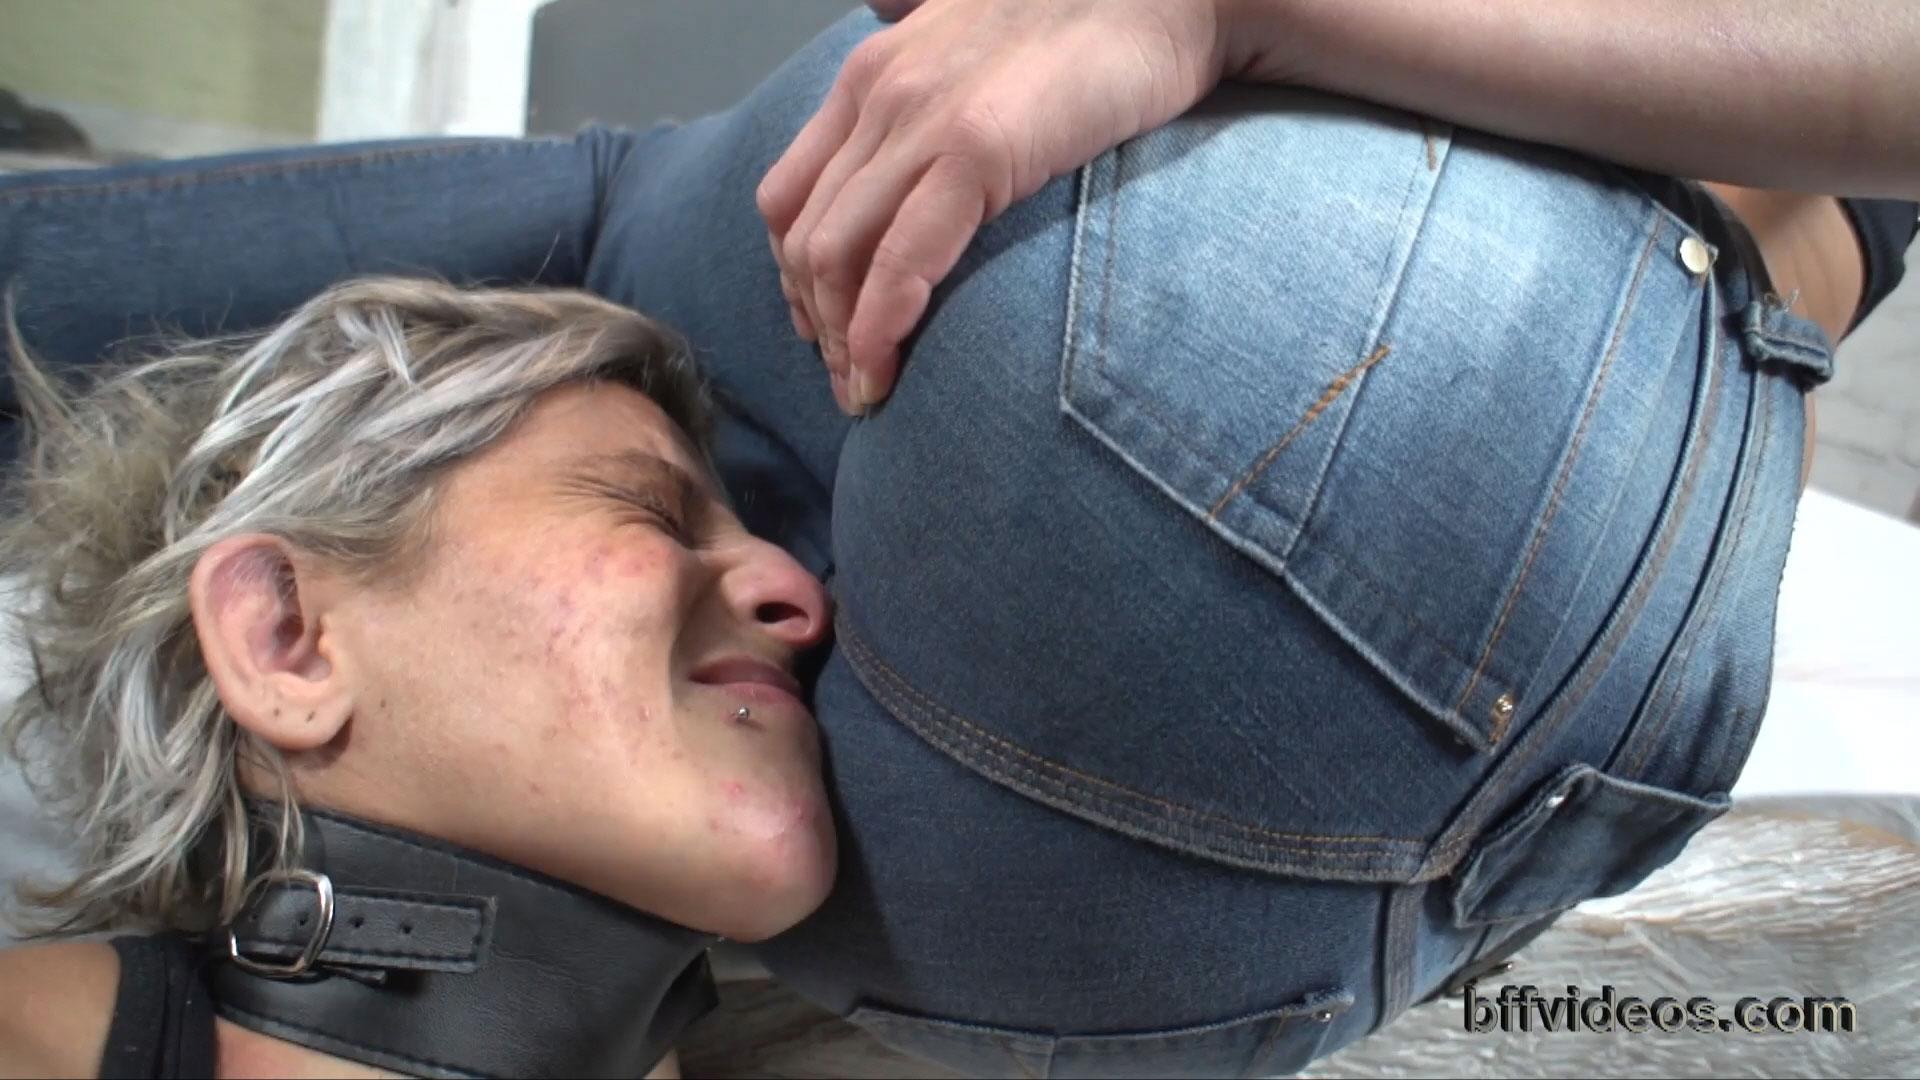 Rough Lesbian Face Fucking